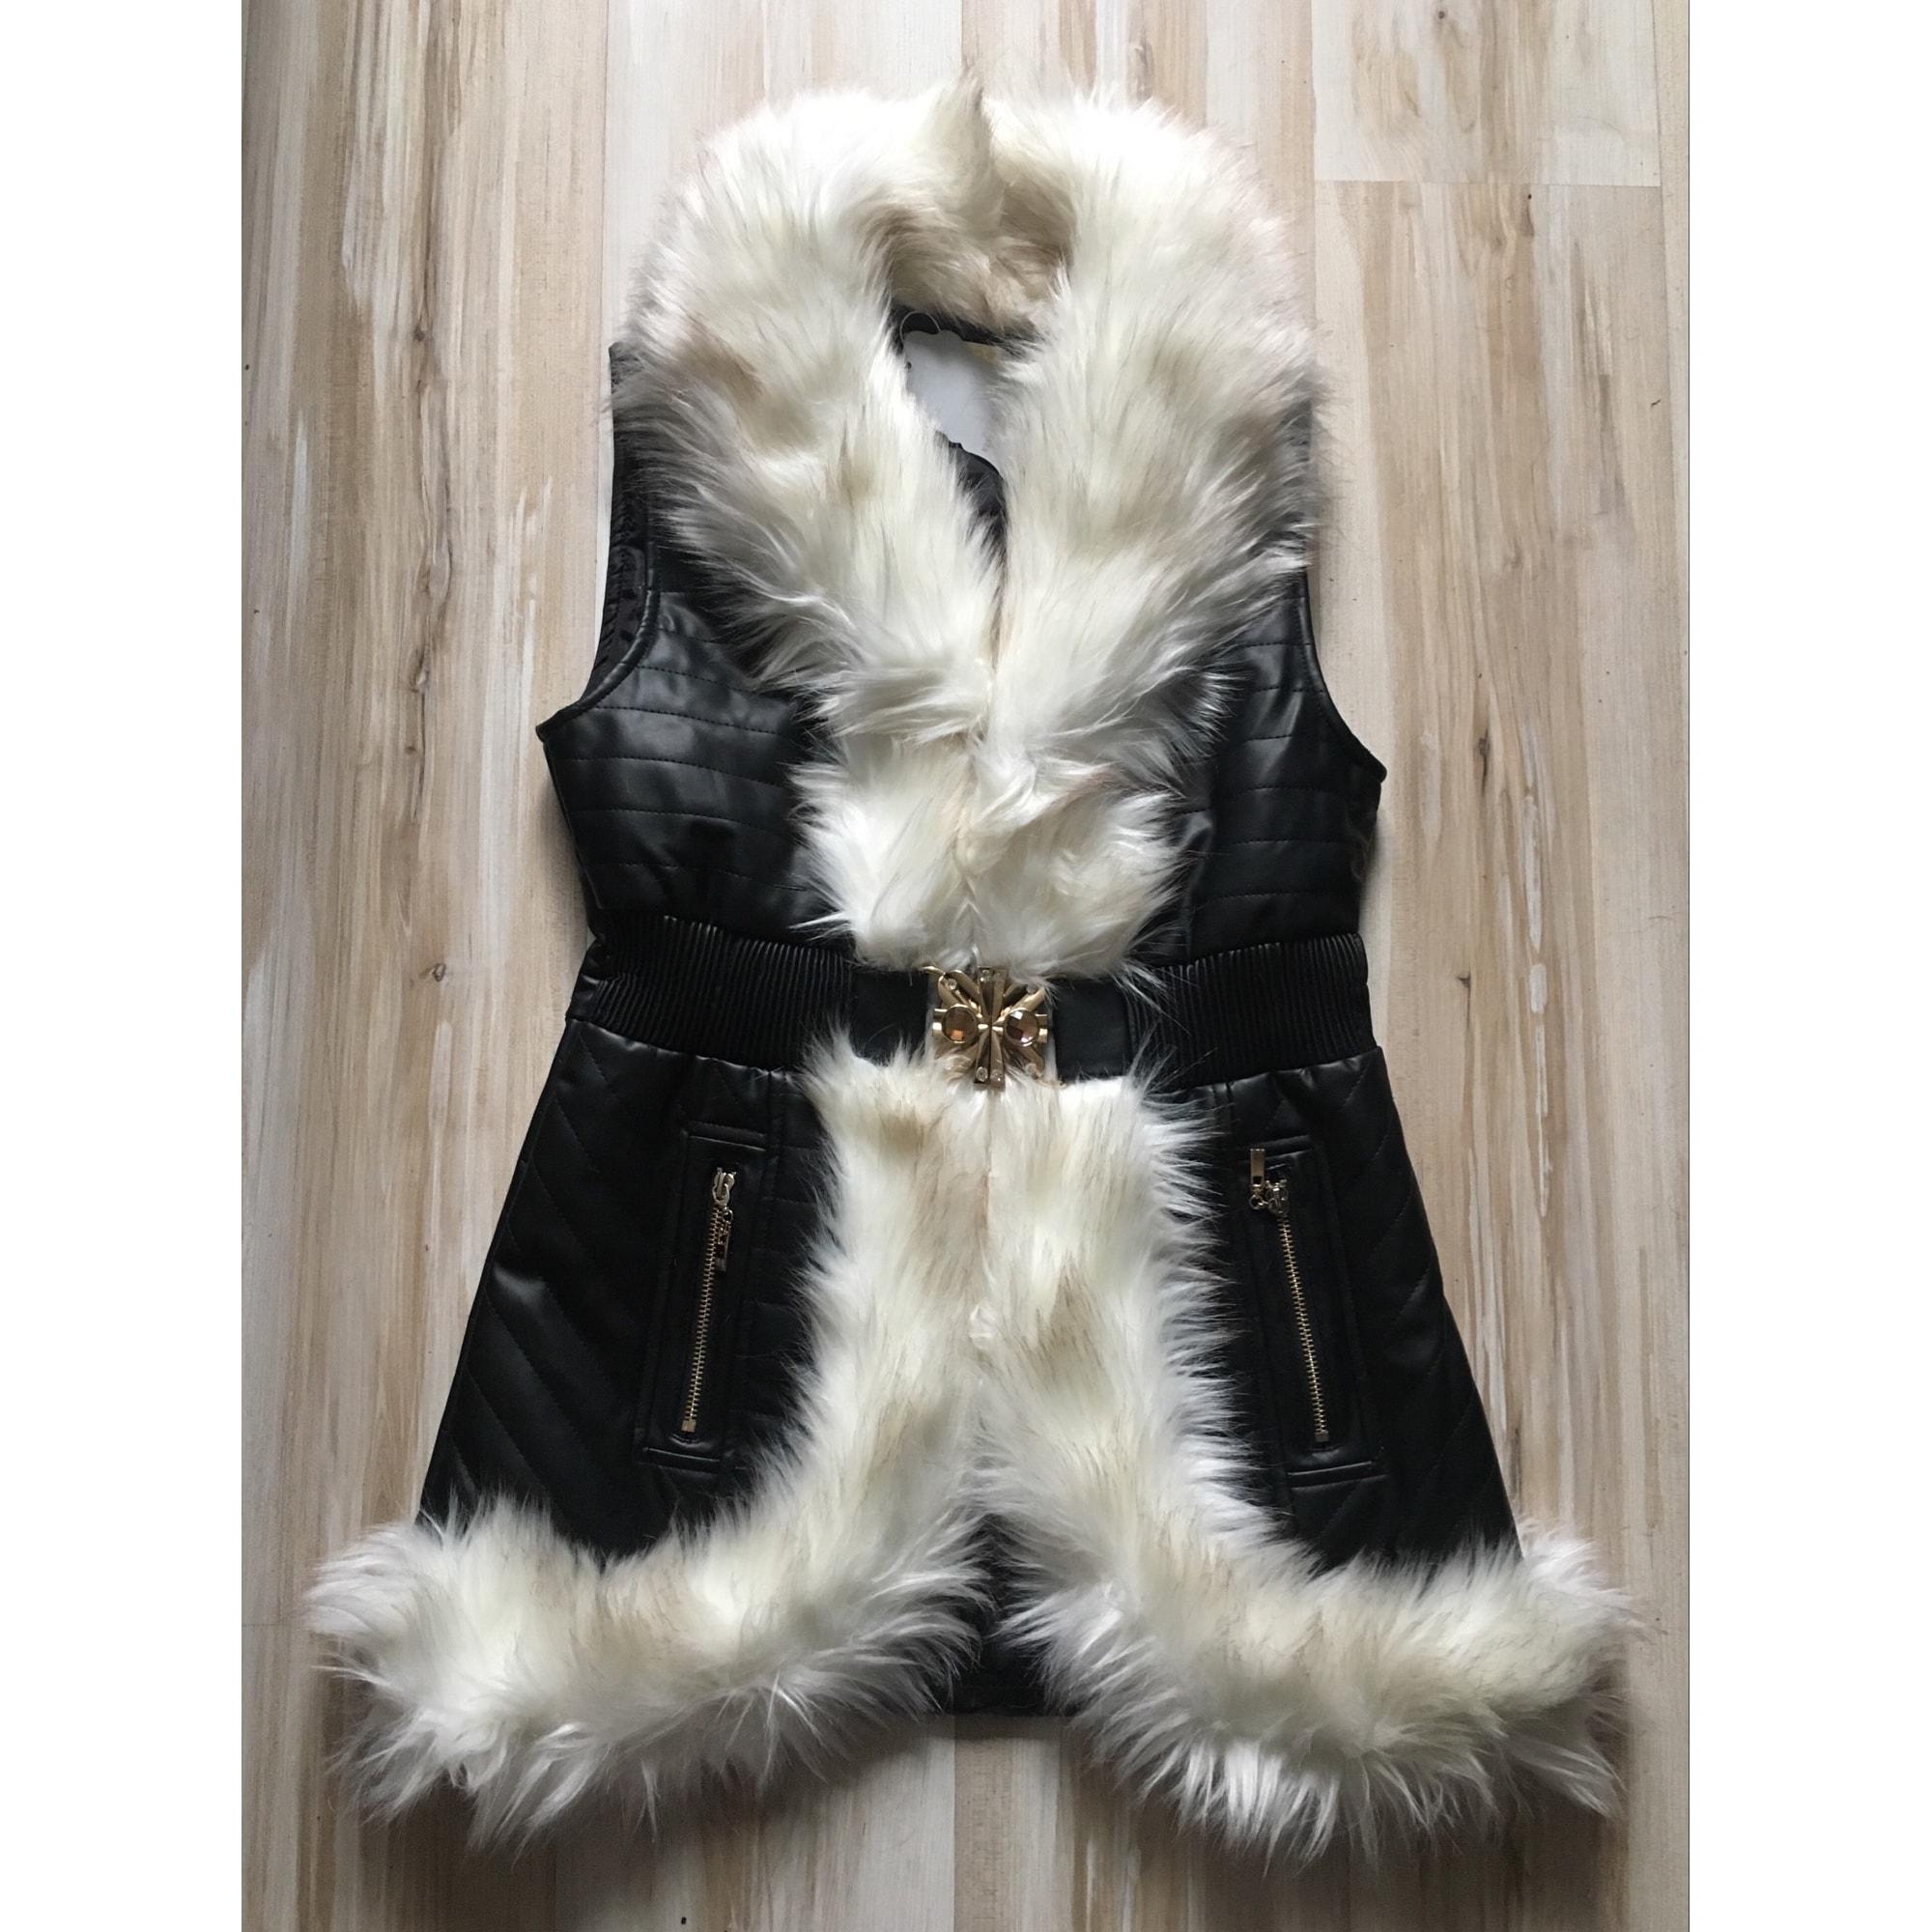 Manteau en fourrure BOUTIQUE INDEPENDANTE Blanc, blanc cassé, écru